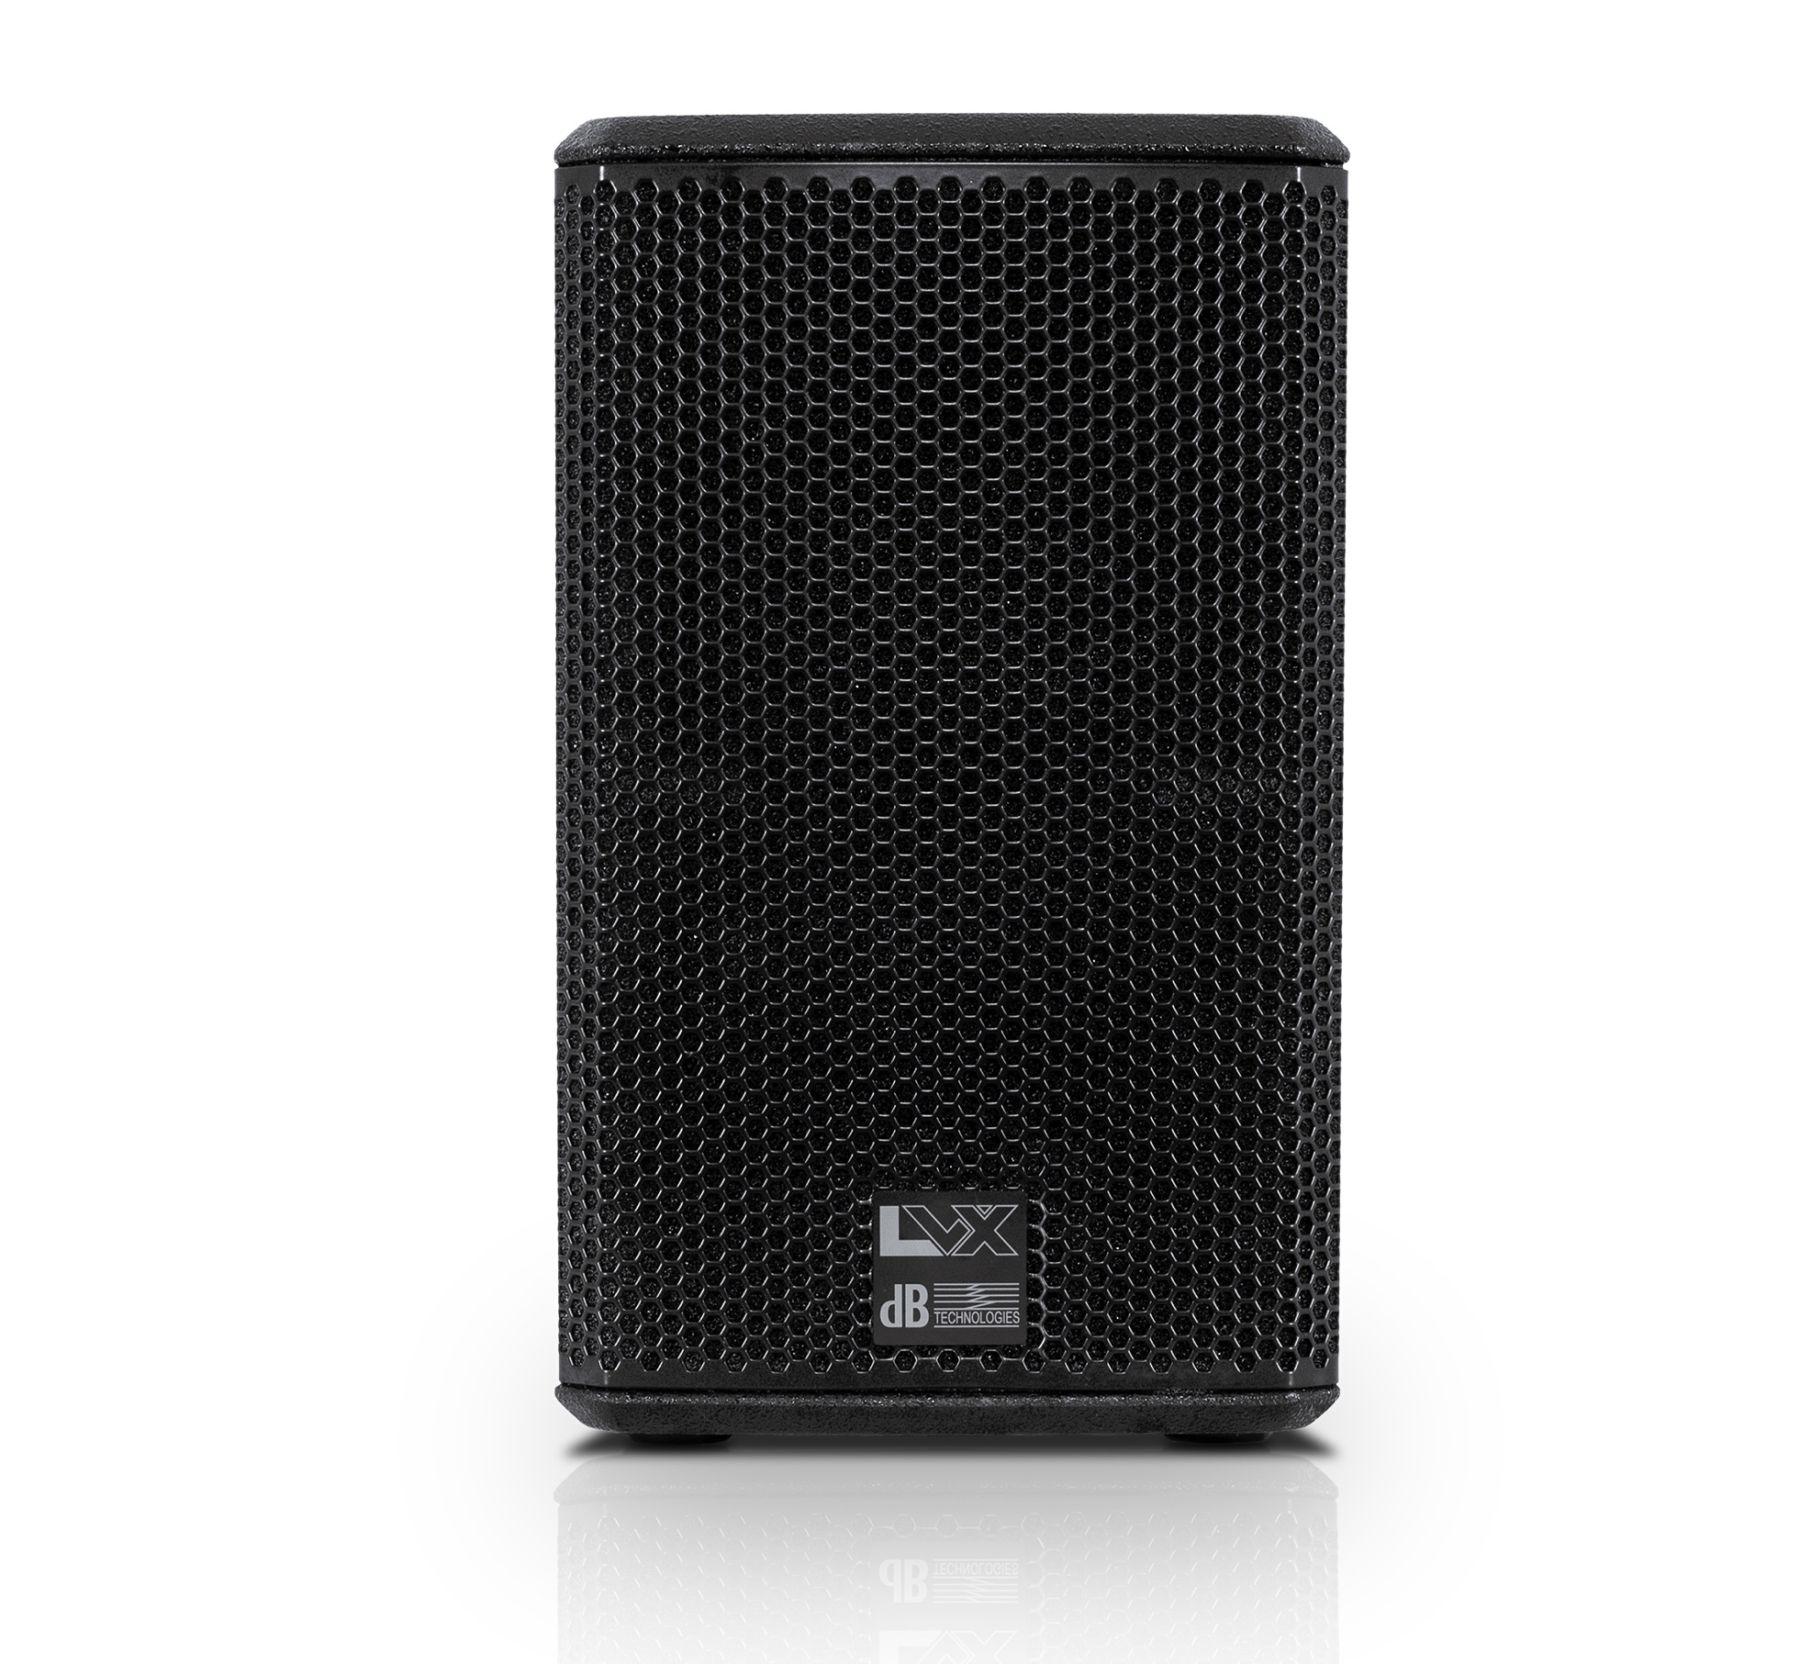 Активная акустическая система dB Technologies LVX8